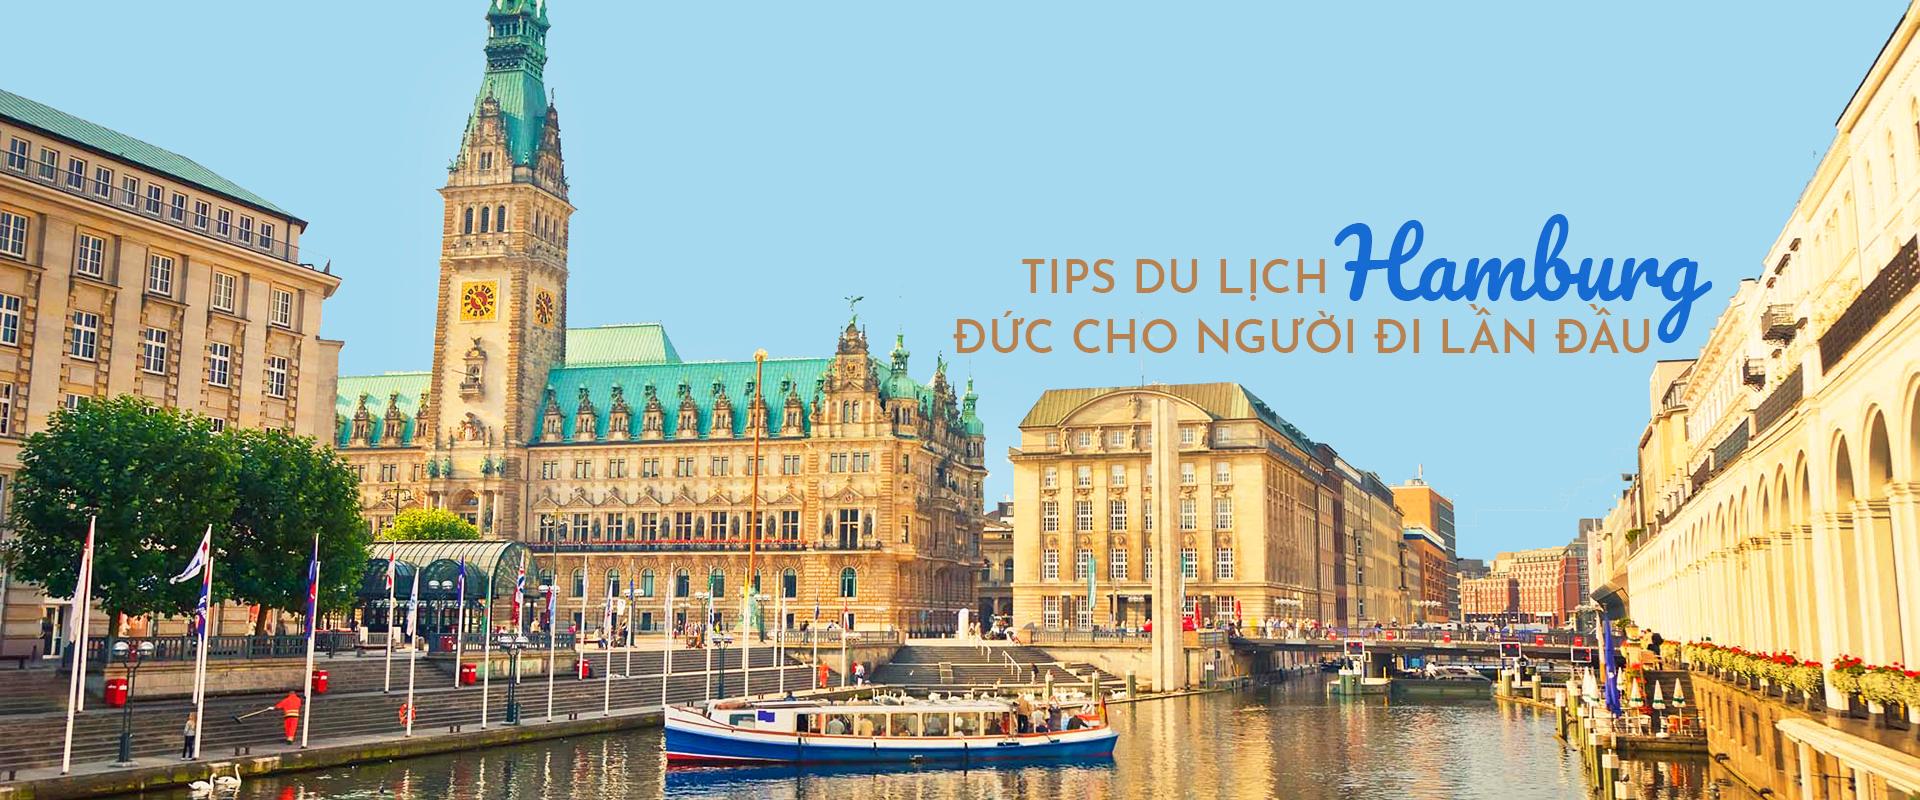 Tips du lịch Hamburg Đức cho người đi lần đầu